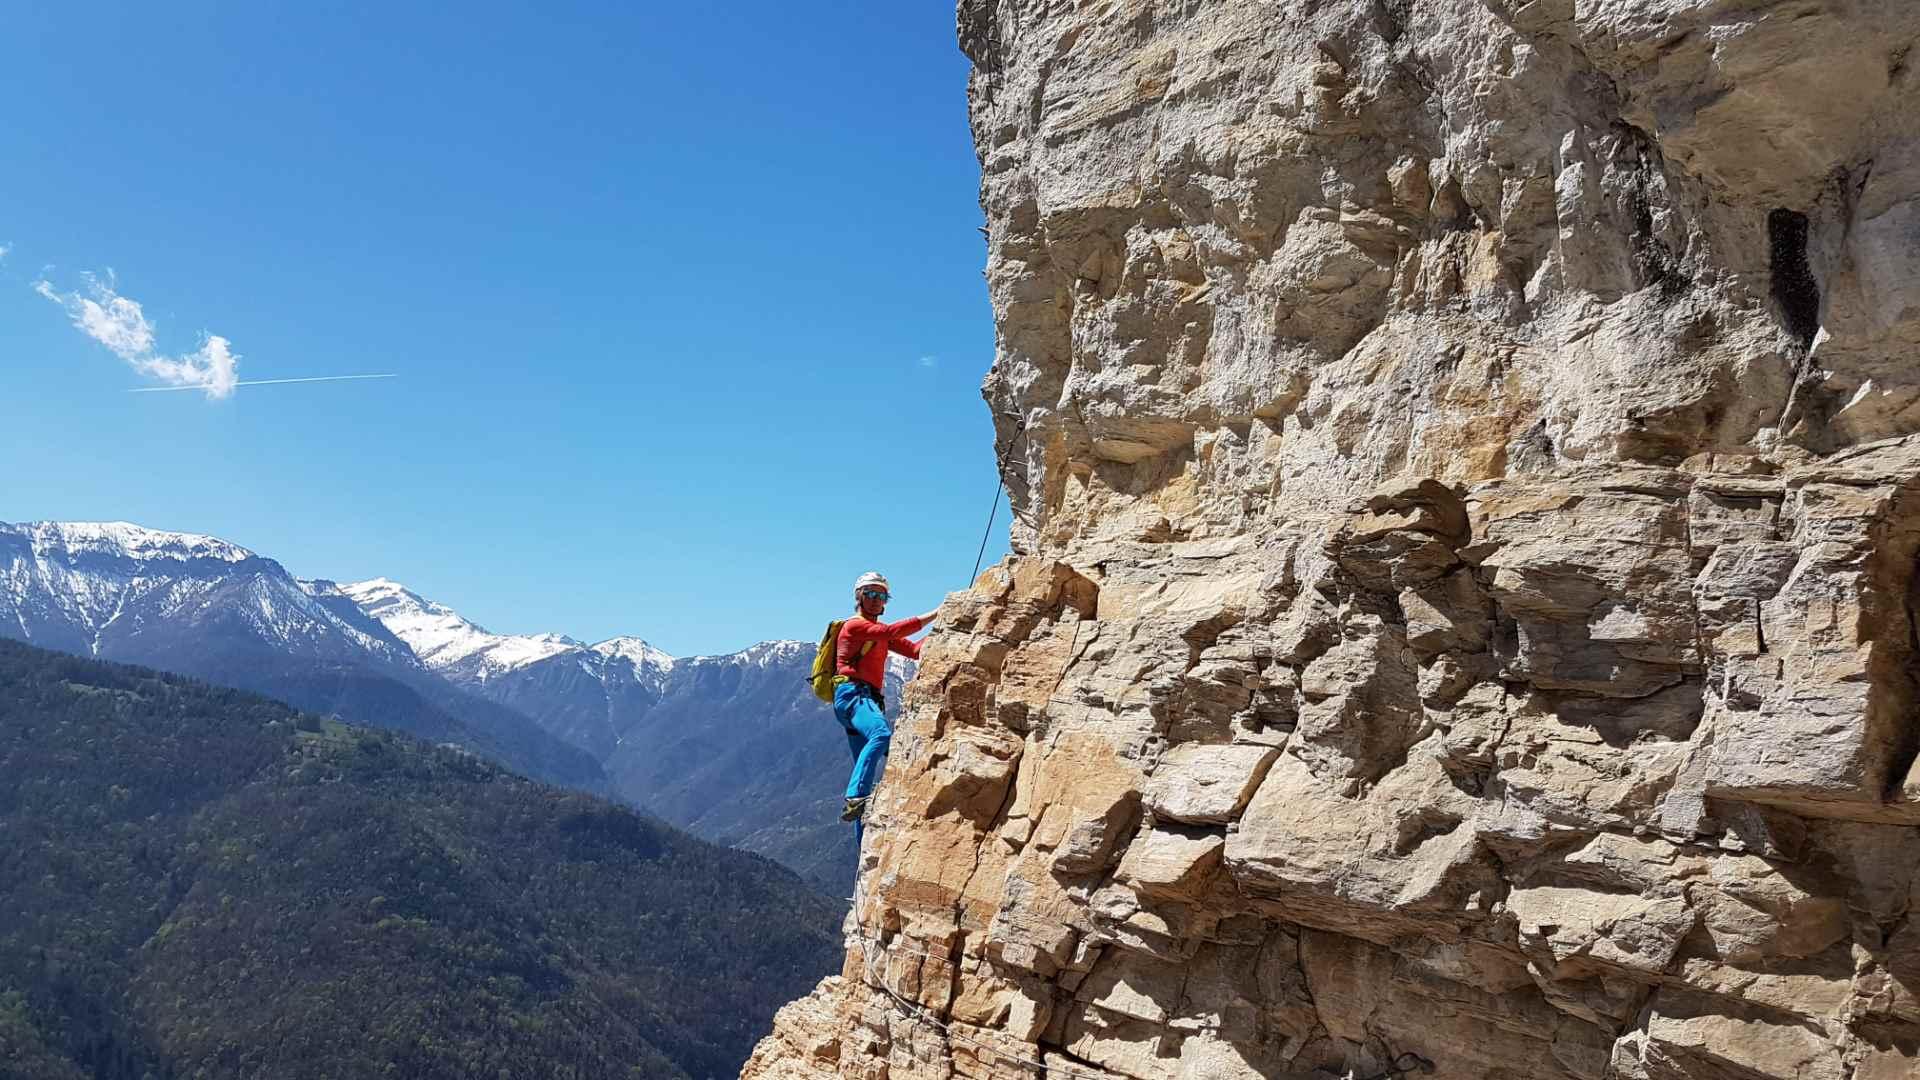 Klettersteig Wolfgangsee : Rinnkogel bergtour salzkammergut wolfgangsee tourentipp